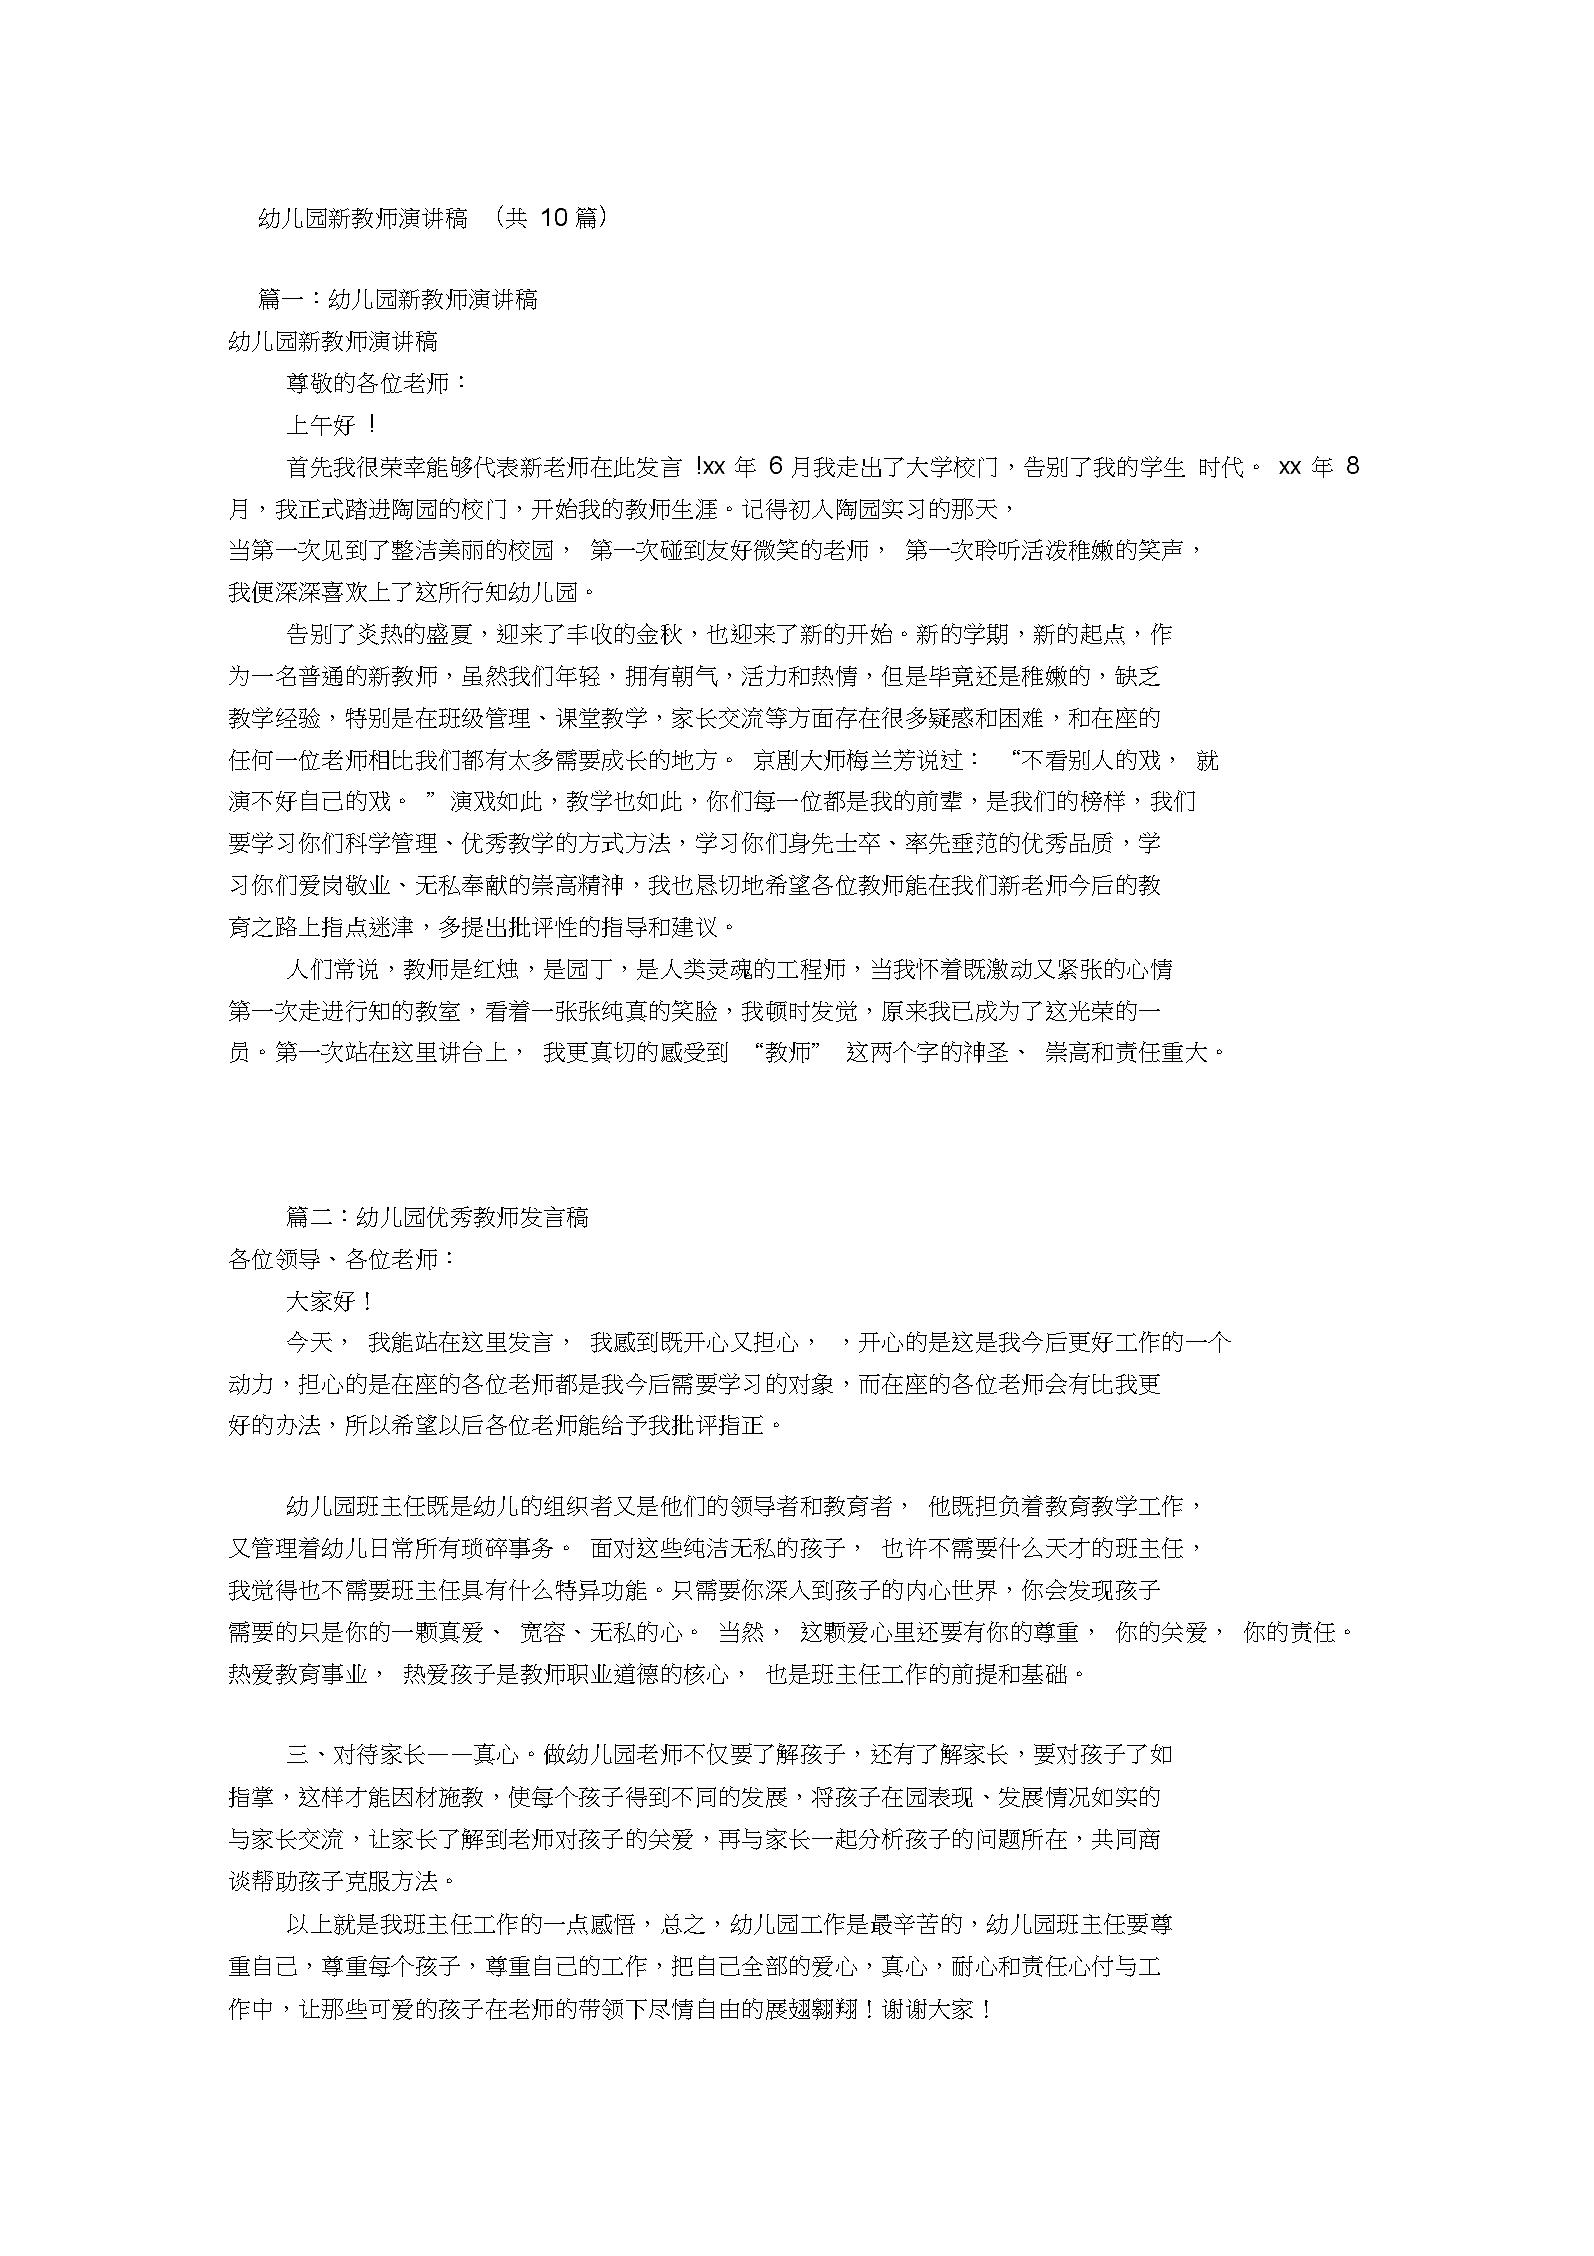 幼儿园新教师演讲稿(共10篇).docx